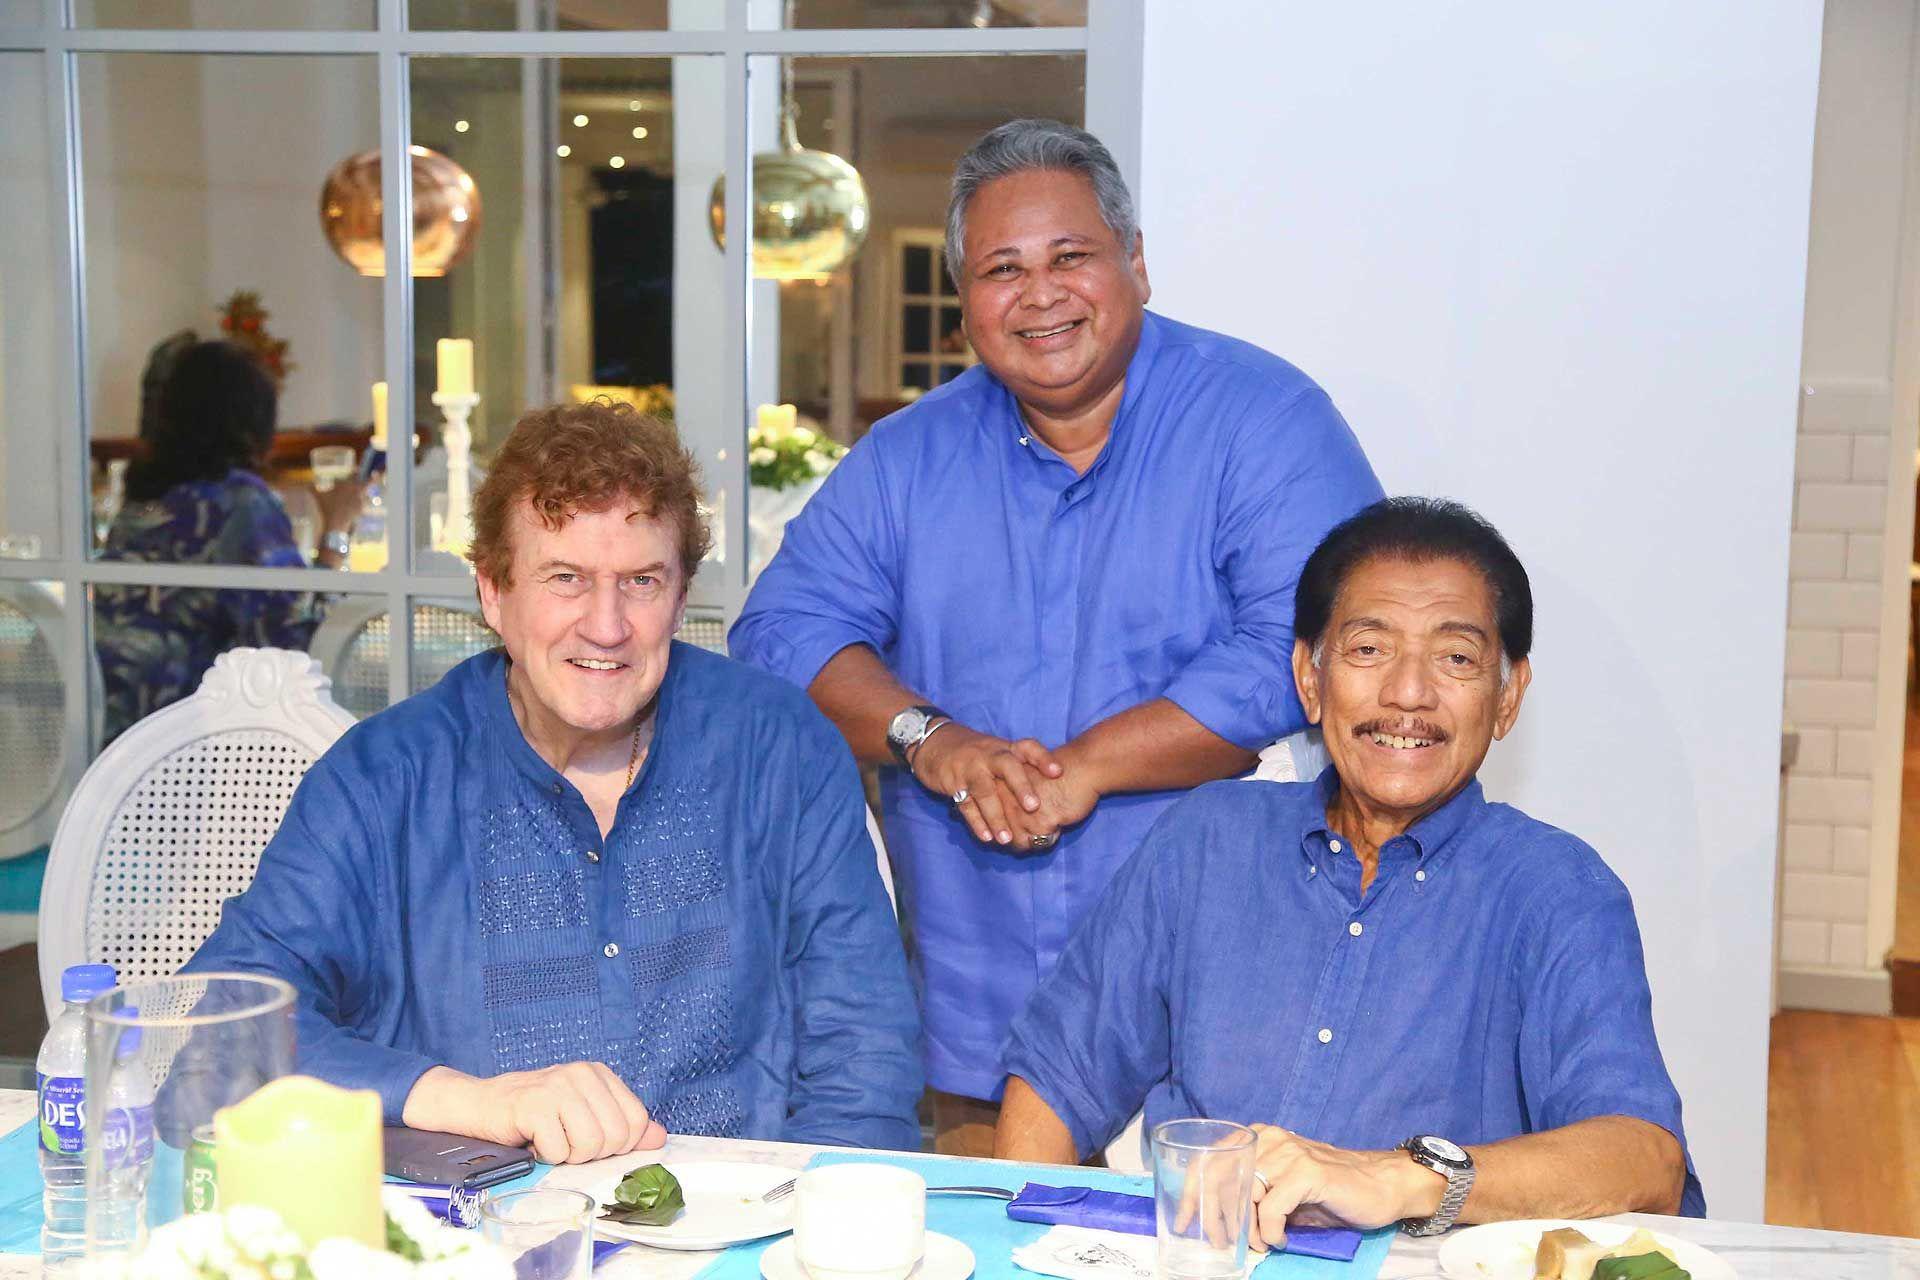 Dato' Steve Day, Asri Ghafar and Tunku Datuk Mudzaffar